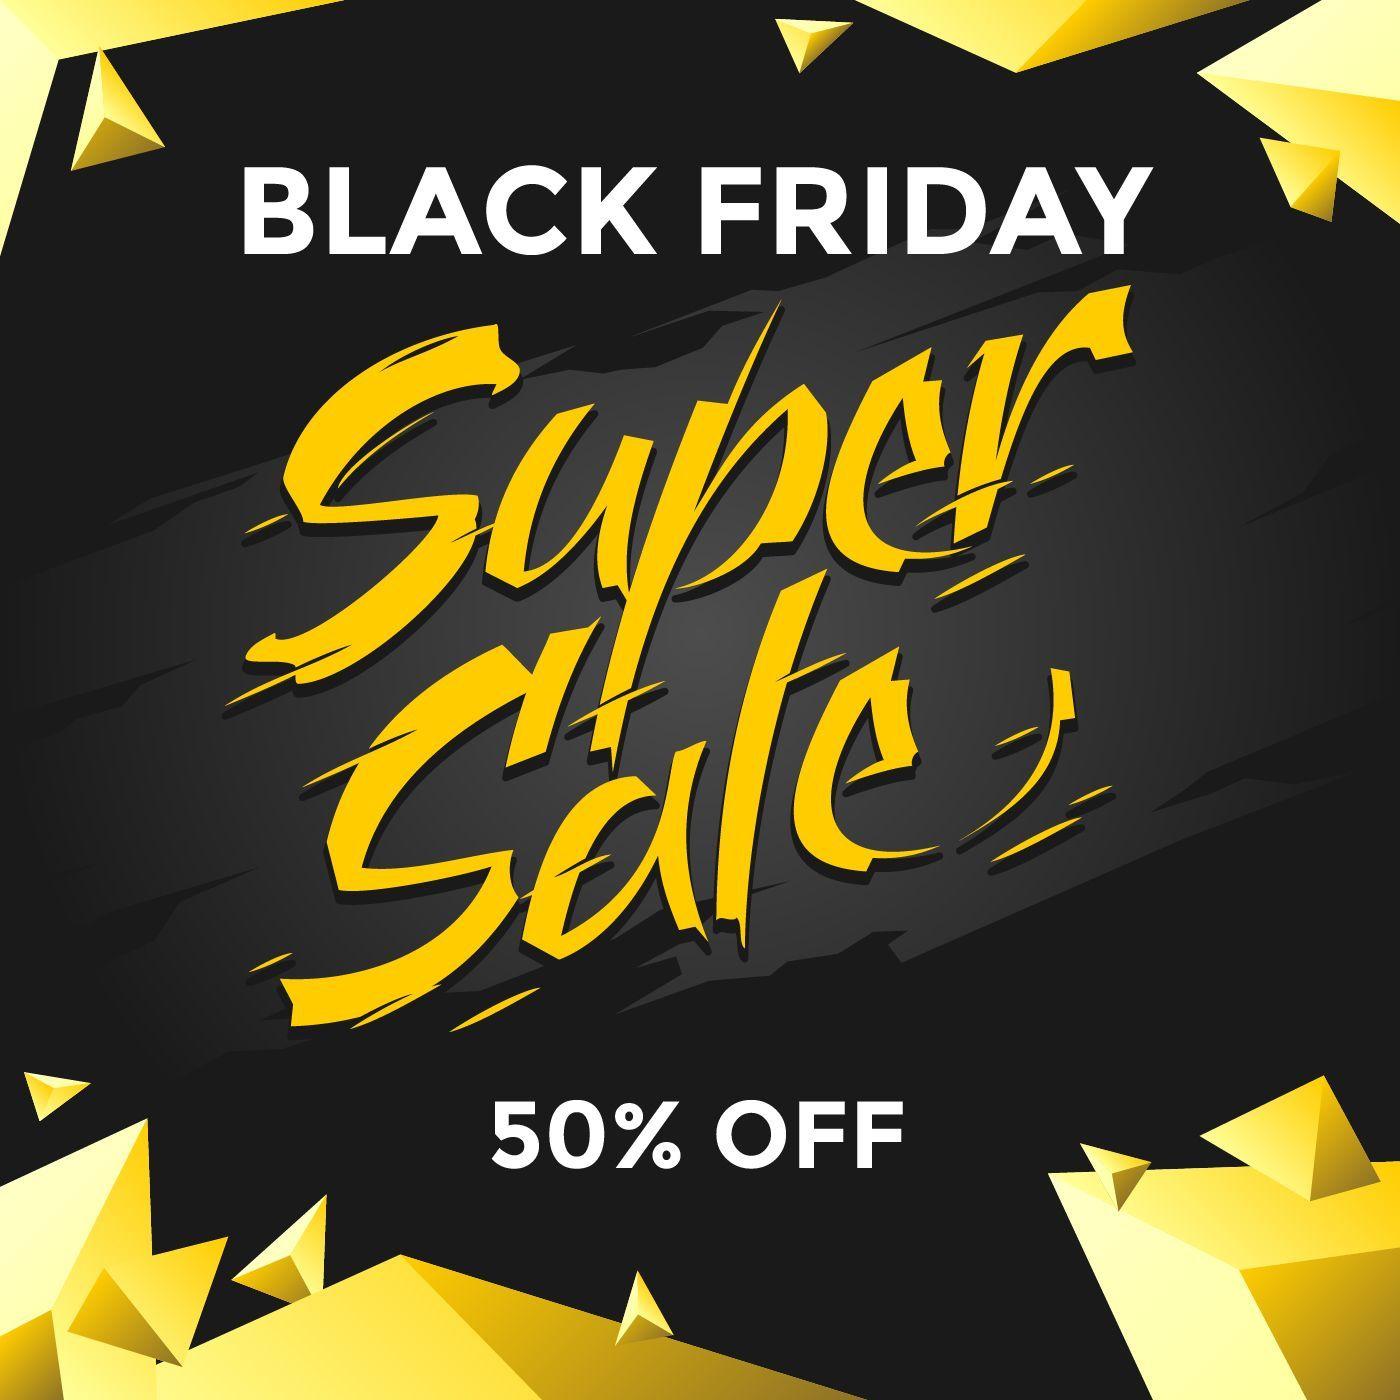 Black Friday Sale Die Angebote Auf Die Sie Gewartet Haben Angebote Auf Black Blackfriday Blac Black Friday Black Friday Sale Black Friday Sale Poster